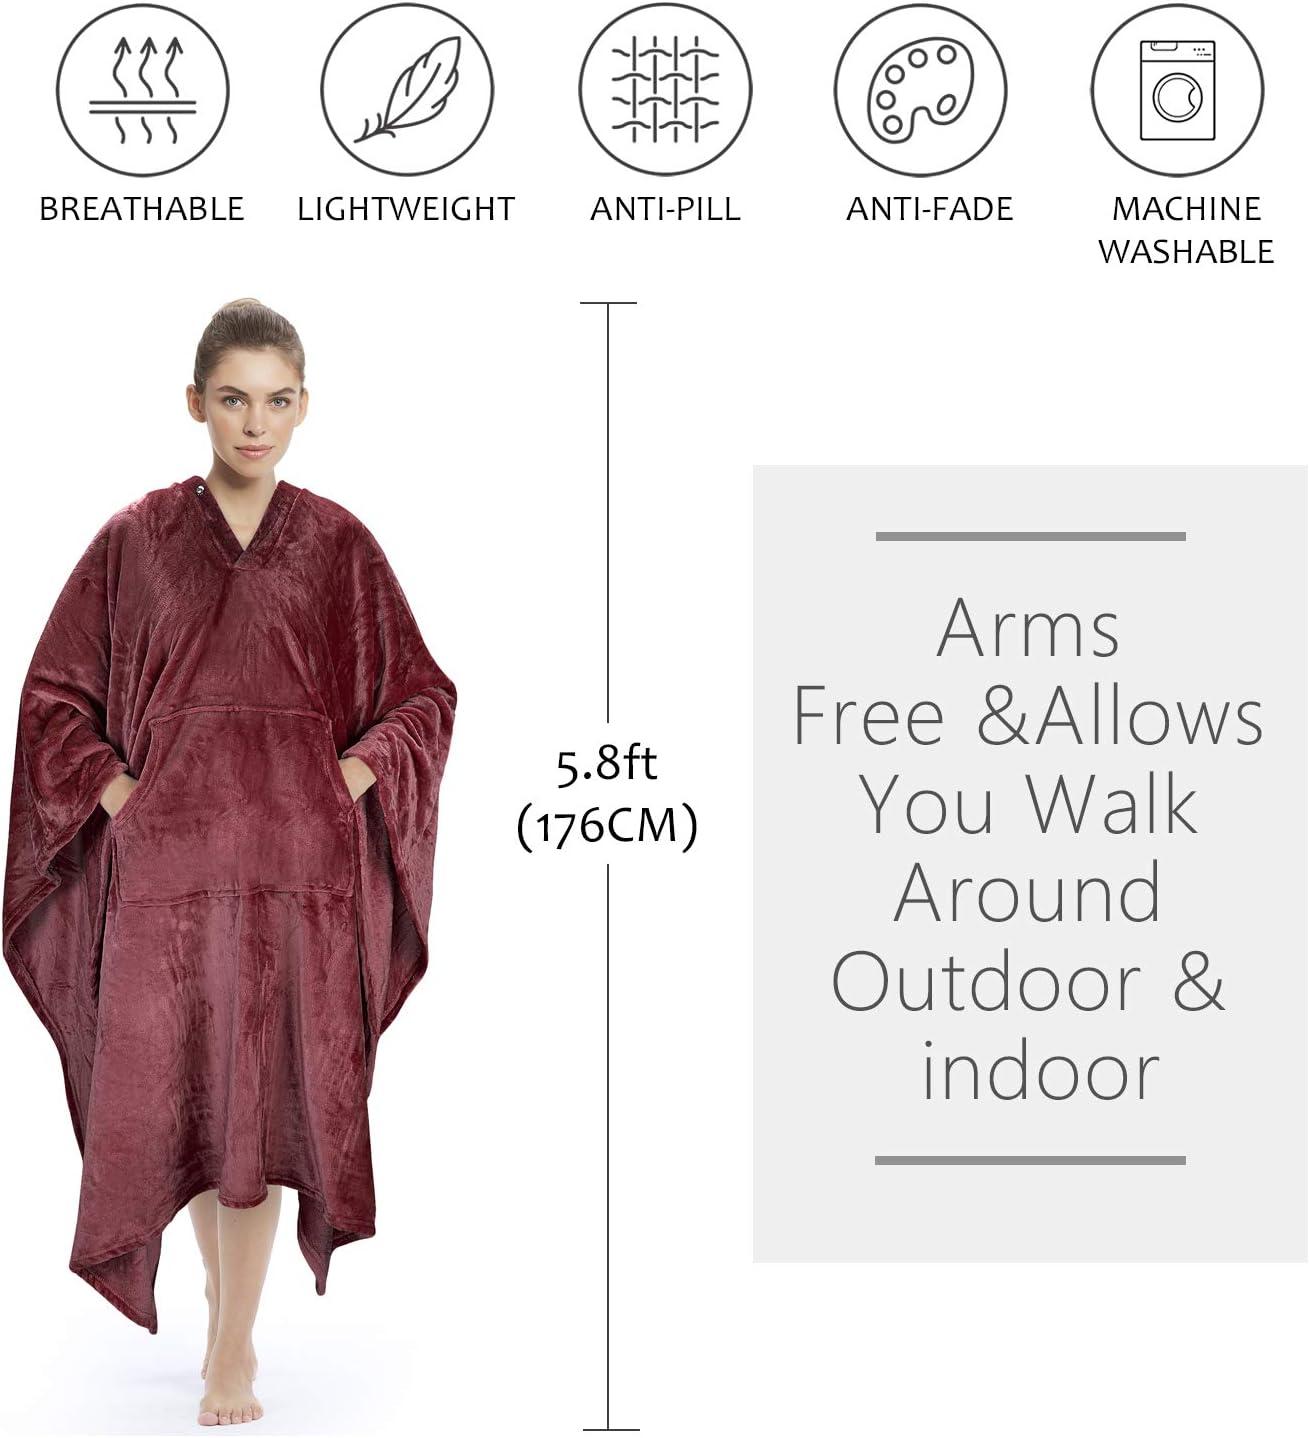 Catalonia Classy Poncho Decke Bequeme Pl/üsch Fleece Tragbare Decke f/ür Erwachsene Frauen M/änner Kinder /Überwurfbezug zu Hause oder im Freien 200 x 140 cm Marine